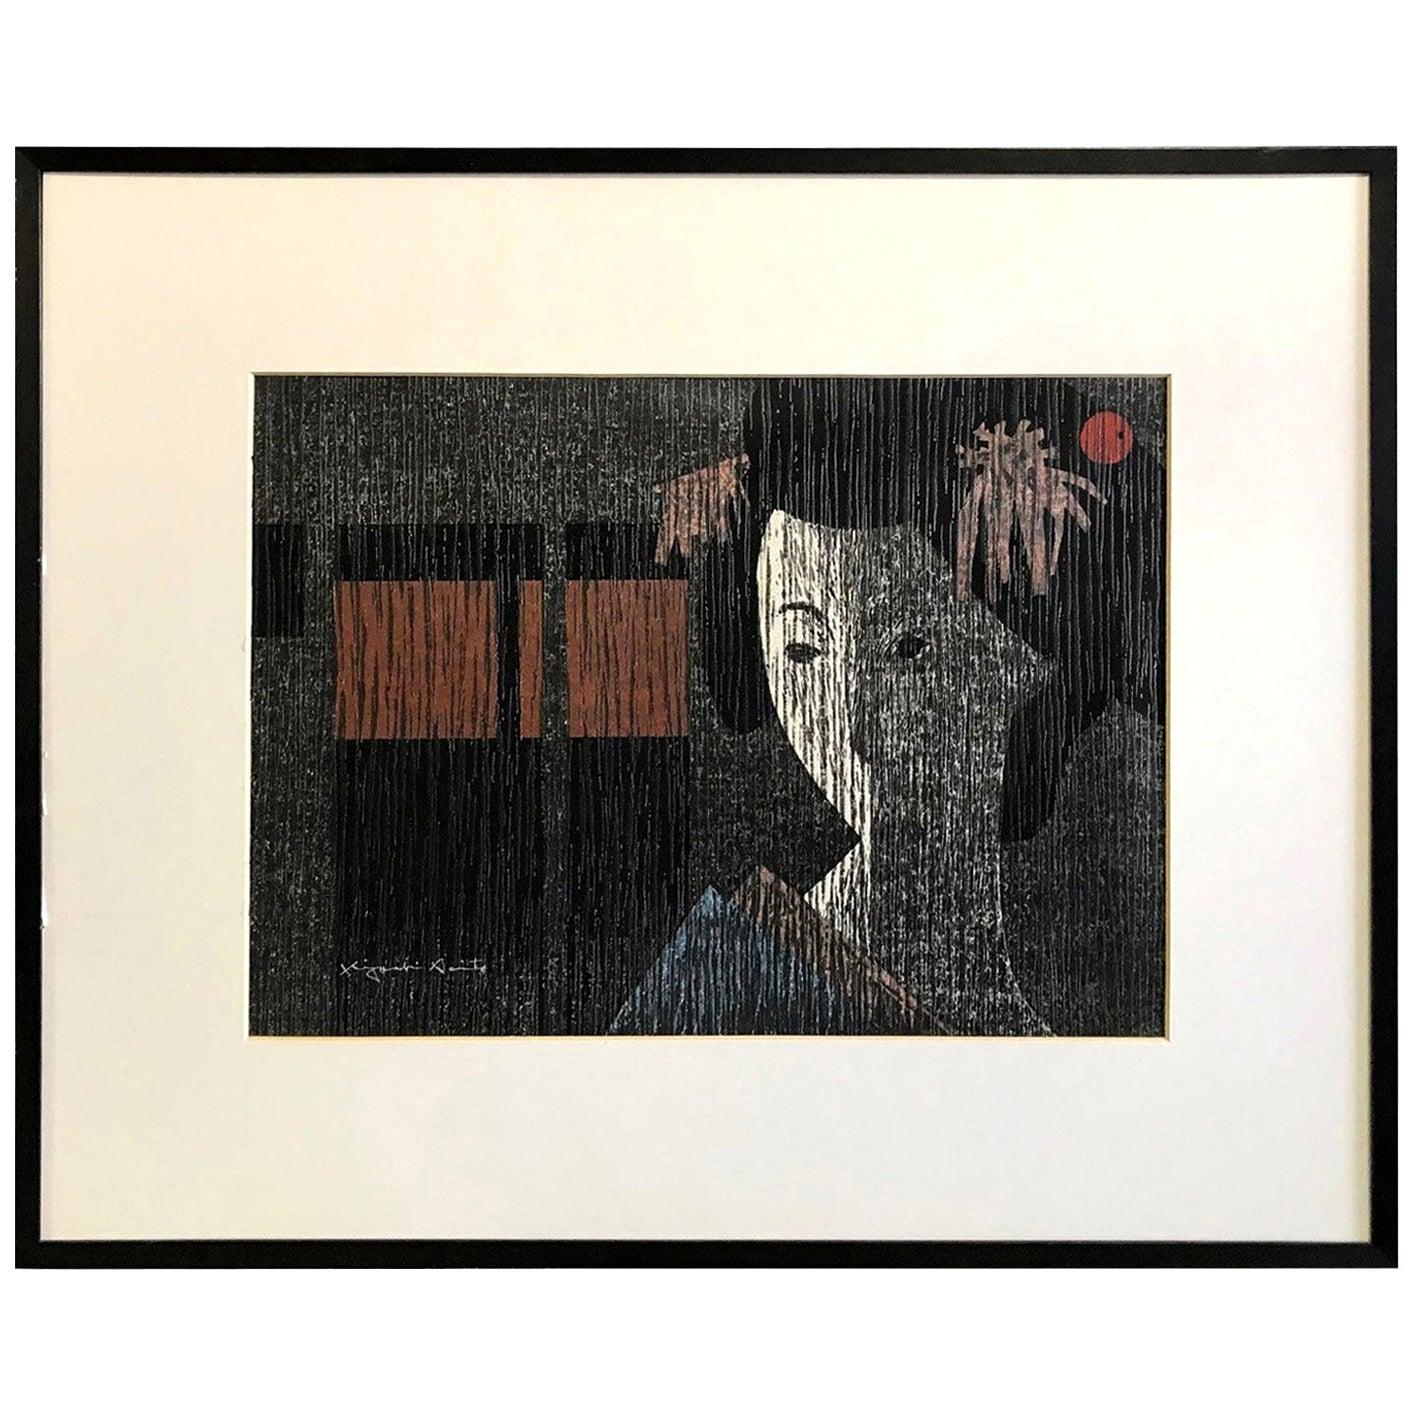 Kiyoshi Saito Signed Limited Edition Japanese Woodblock Print Kyoto, 1971